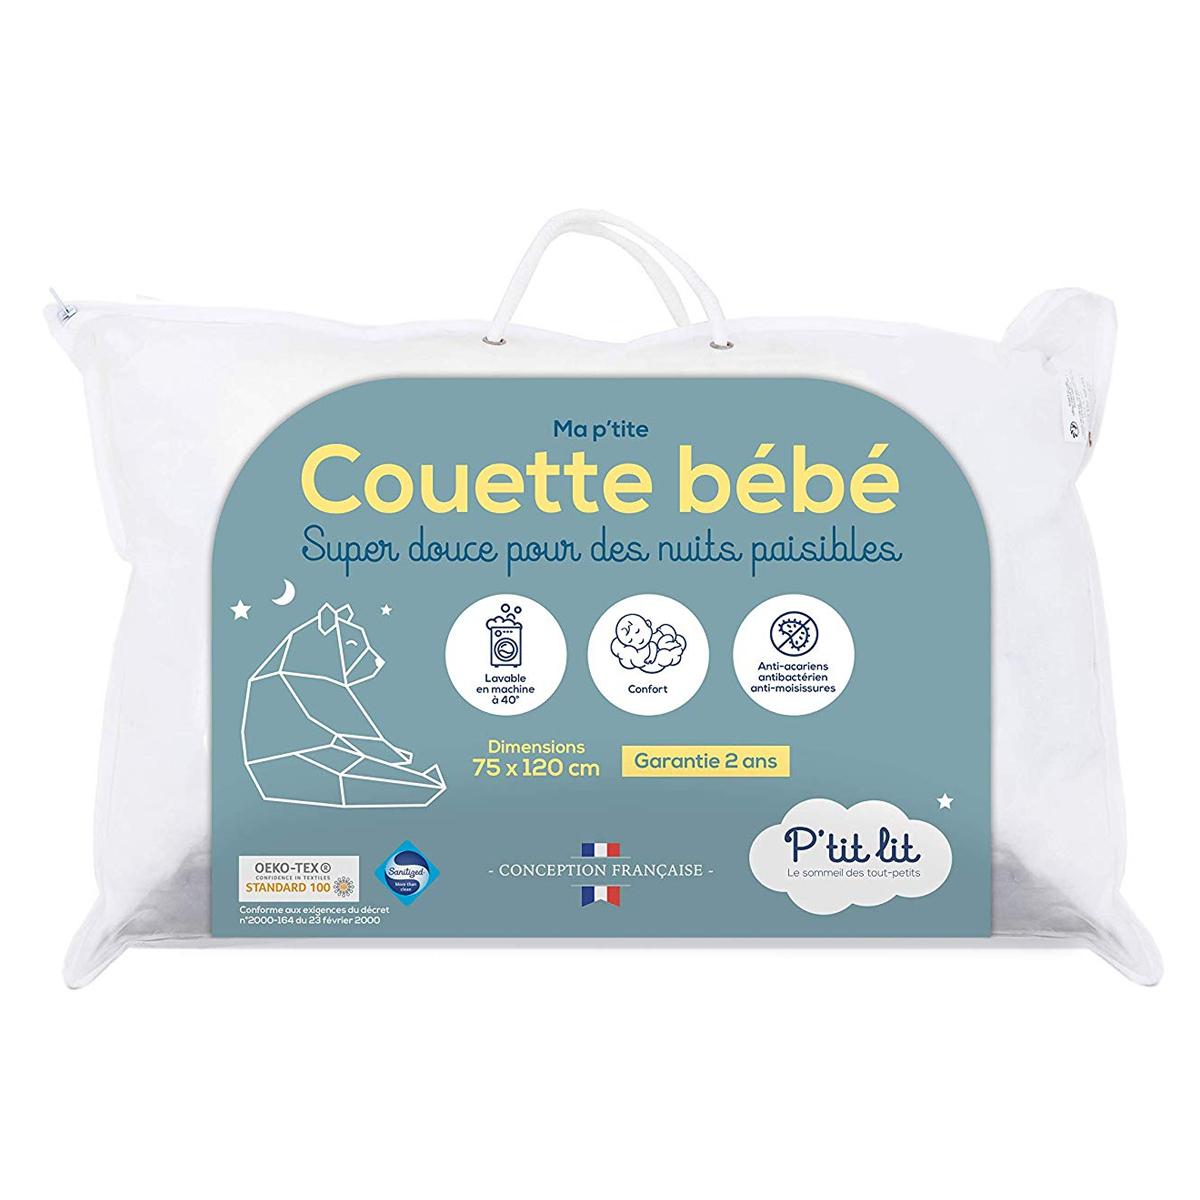 Linge de lit Couette Bébé Sanitized - 75 x 120 cm Couette Bébé Sanitized - 75 x 120 cm